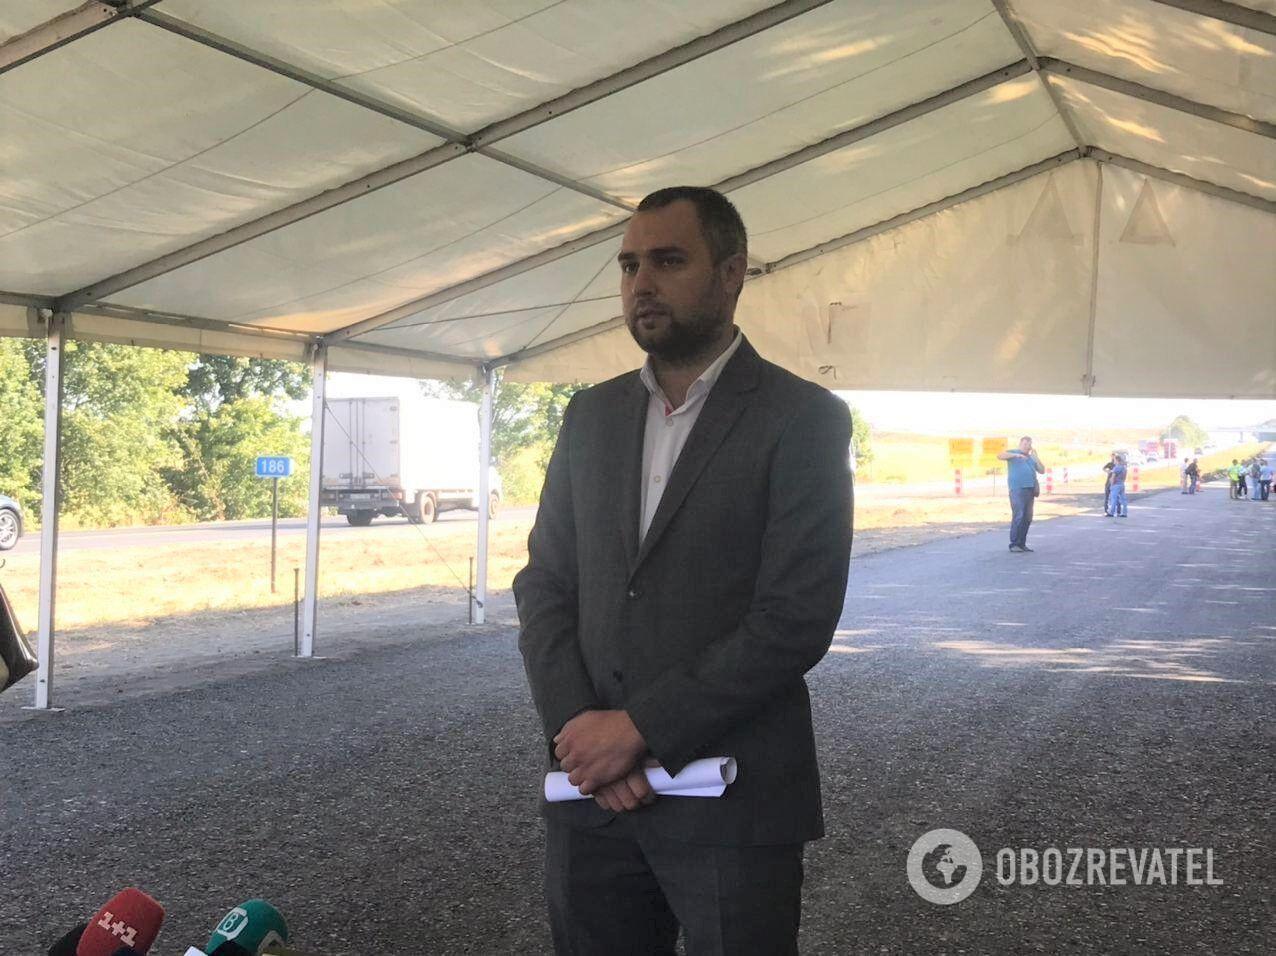 Начальник службы автодорог в Днепропетровской области Дмитрий Чумаченко рассказал о масштабных ремонтах